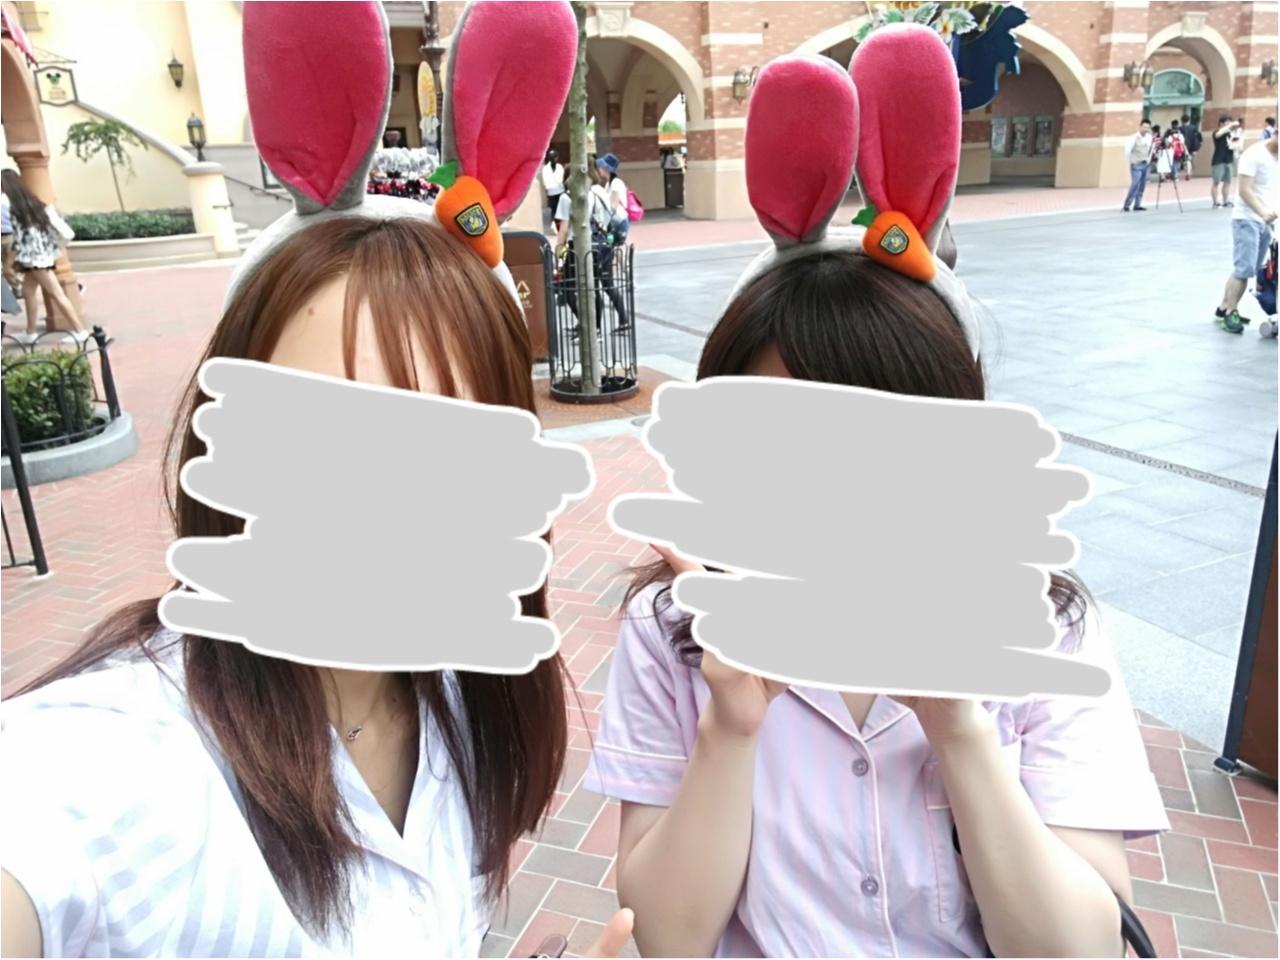 【一周年!!】上海ディズニーランド限定イヤーキャップ紹介♥_5